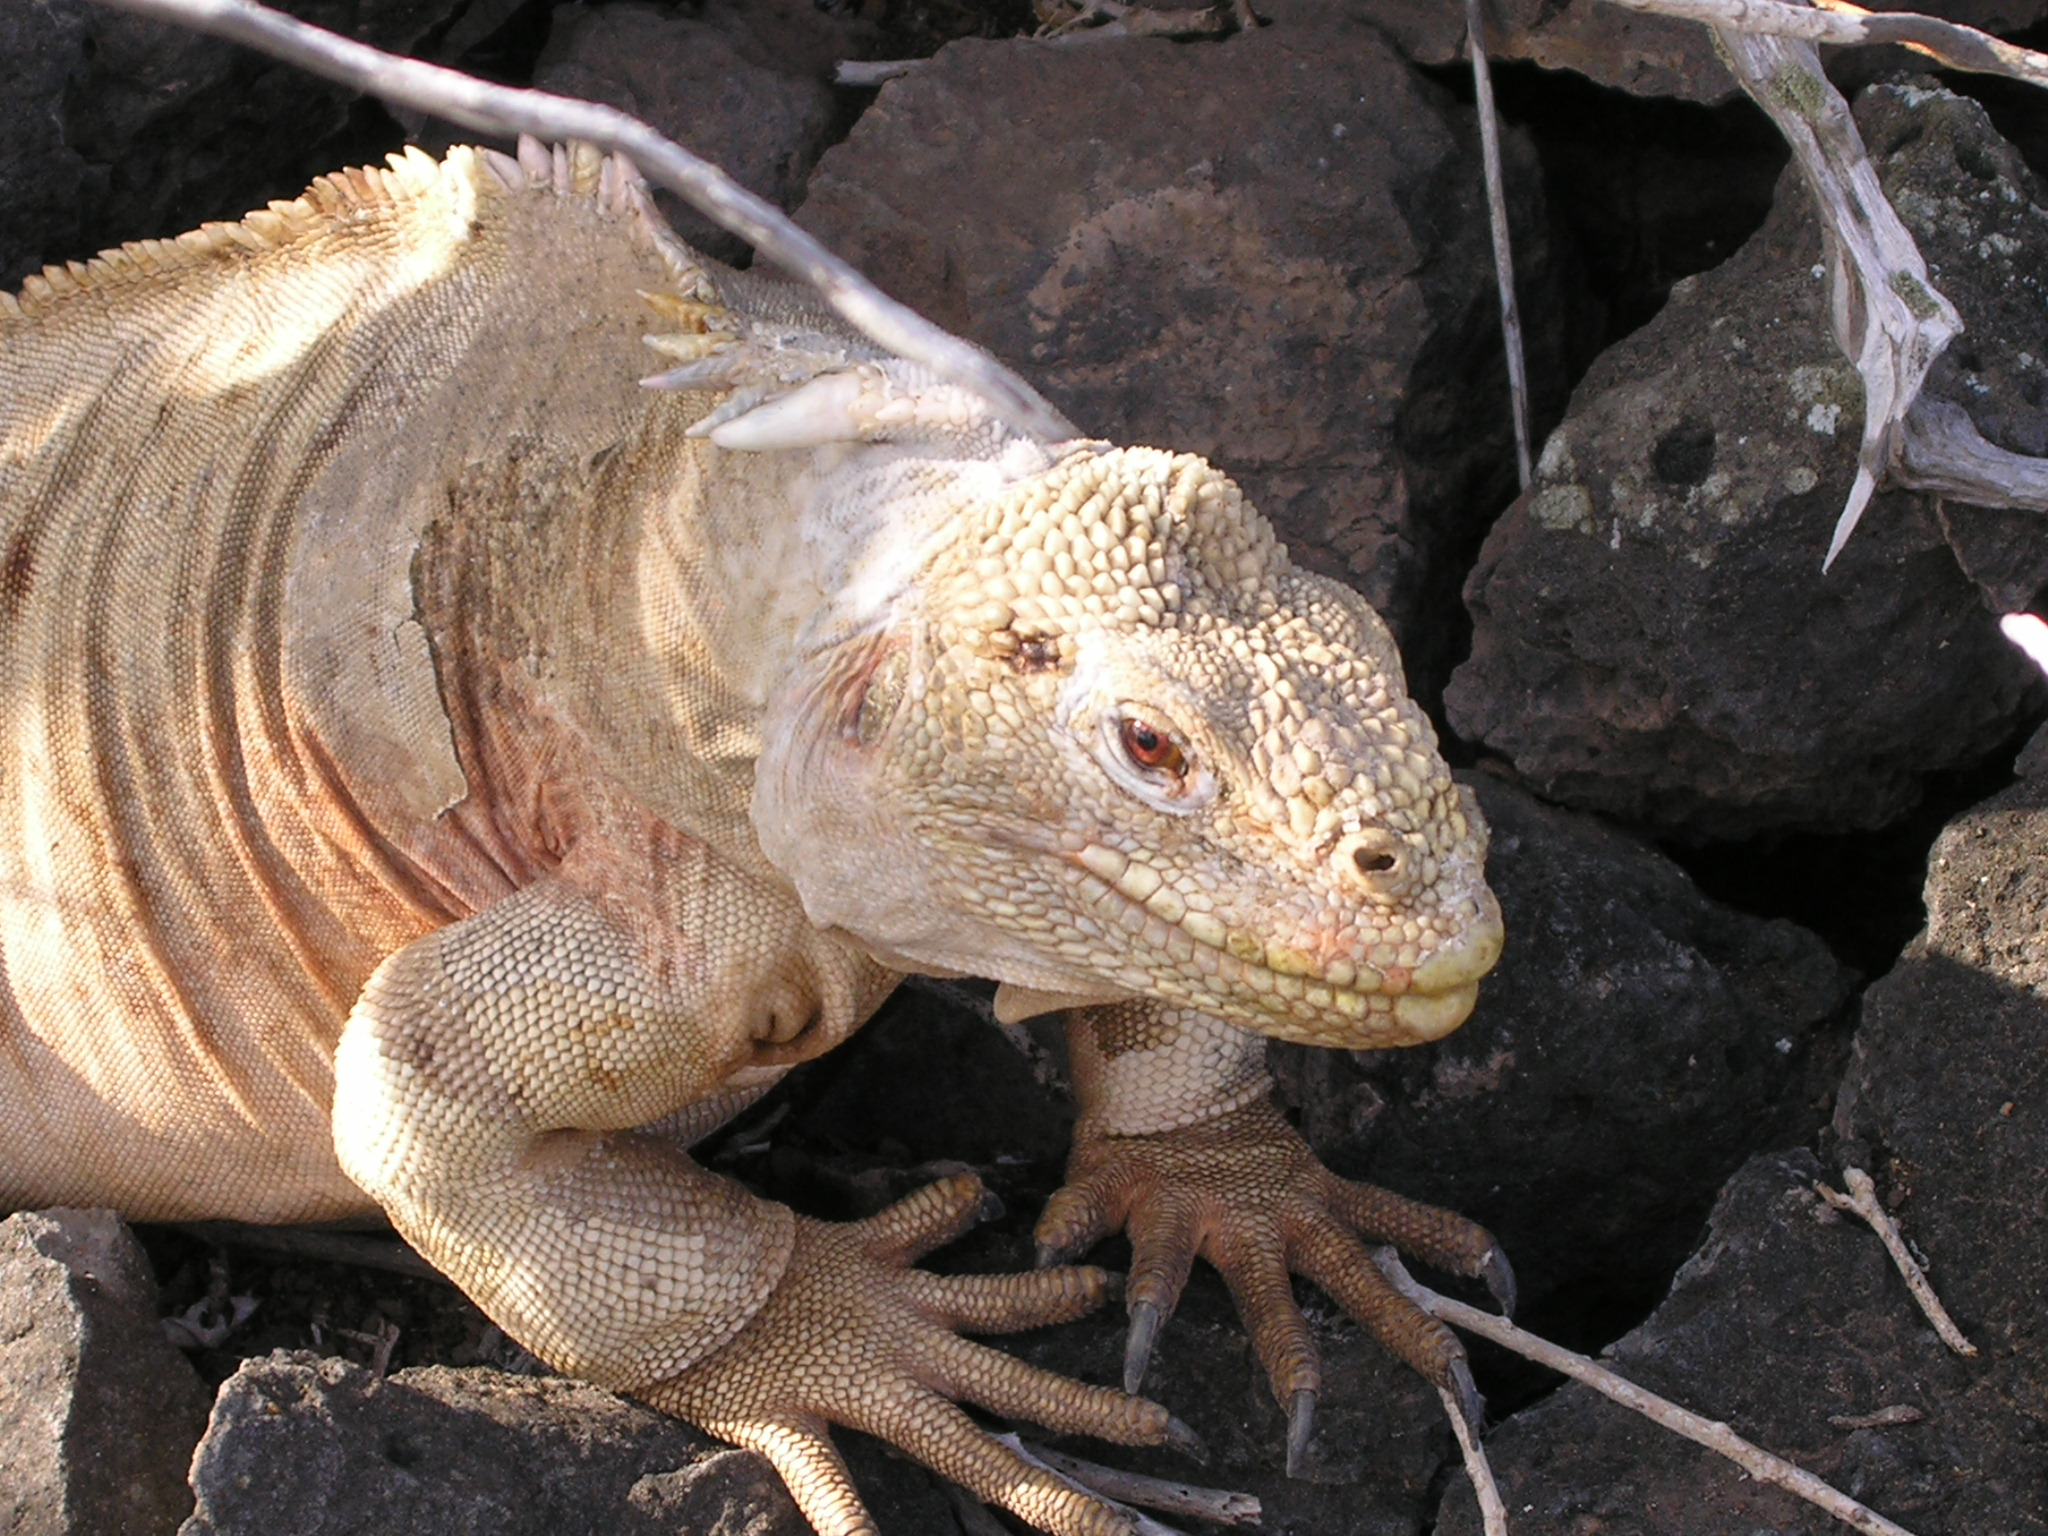 Galápagos land iguana. Credit: Francesco Bandarin